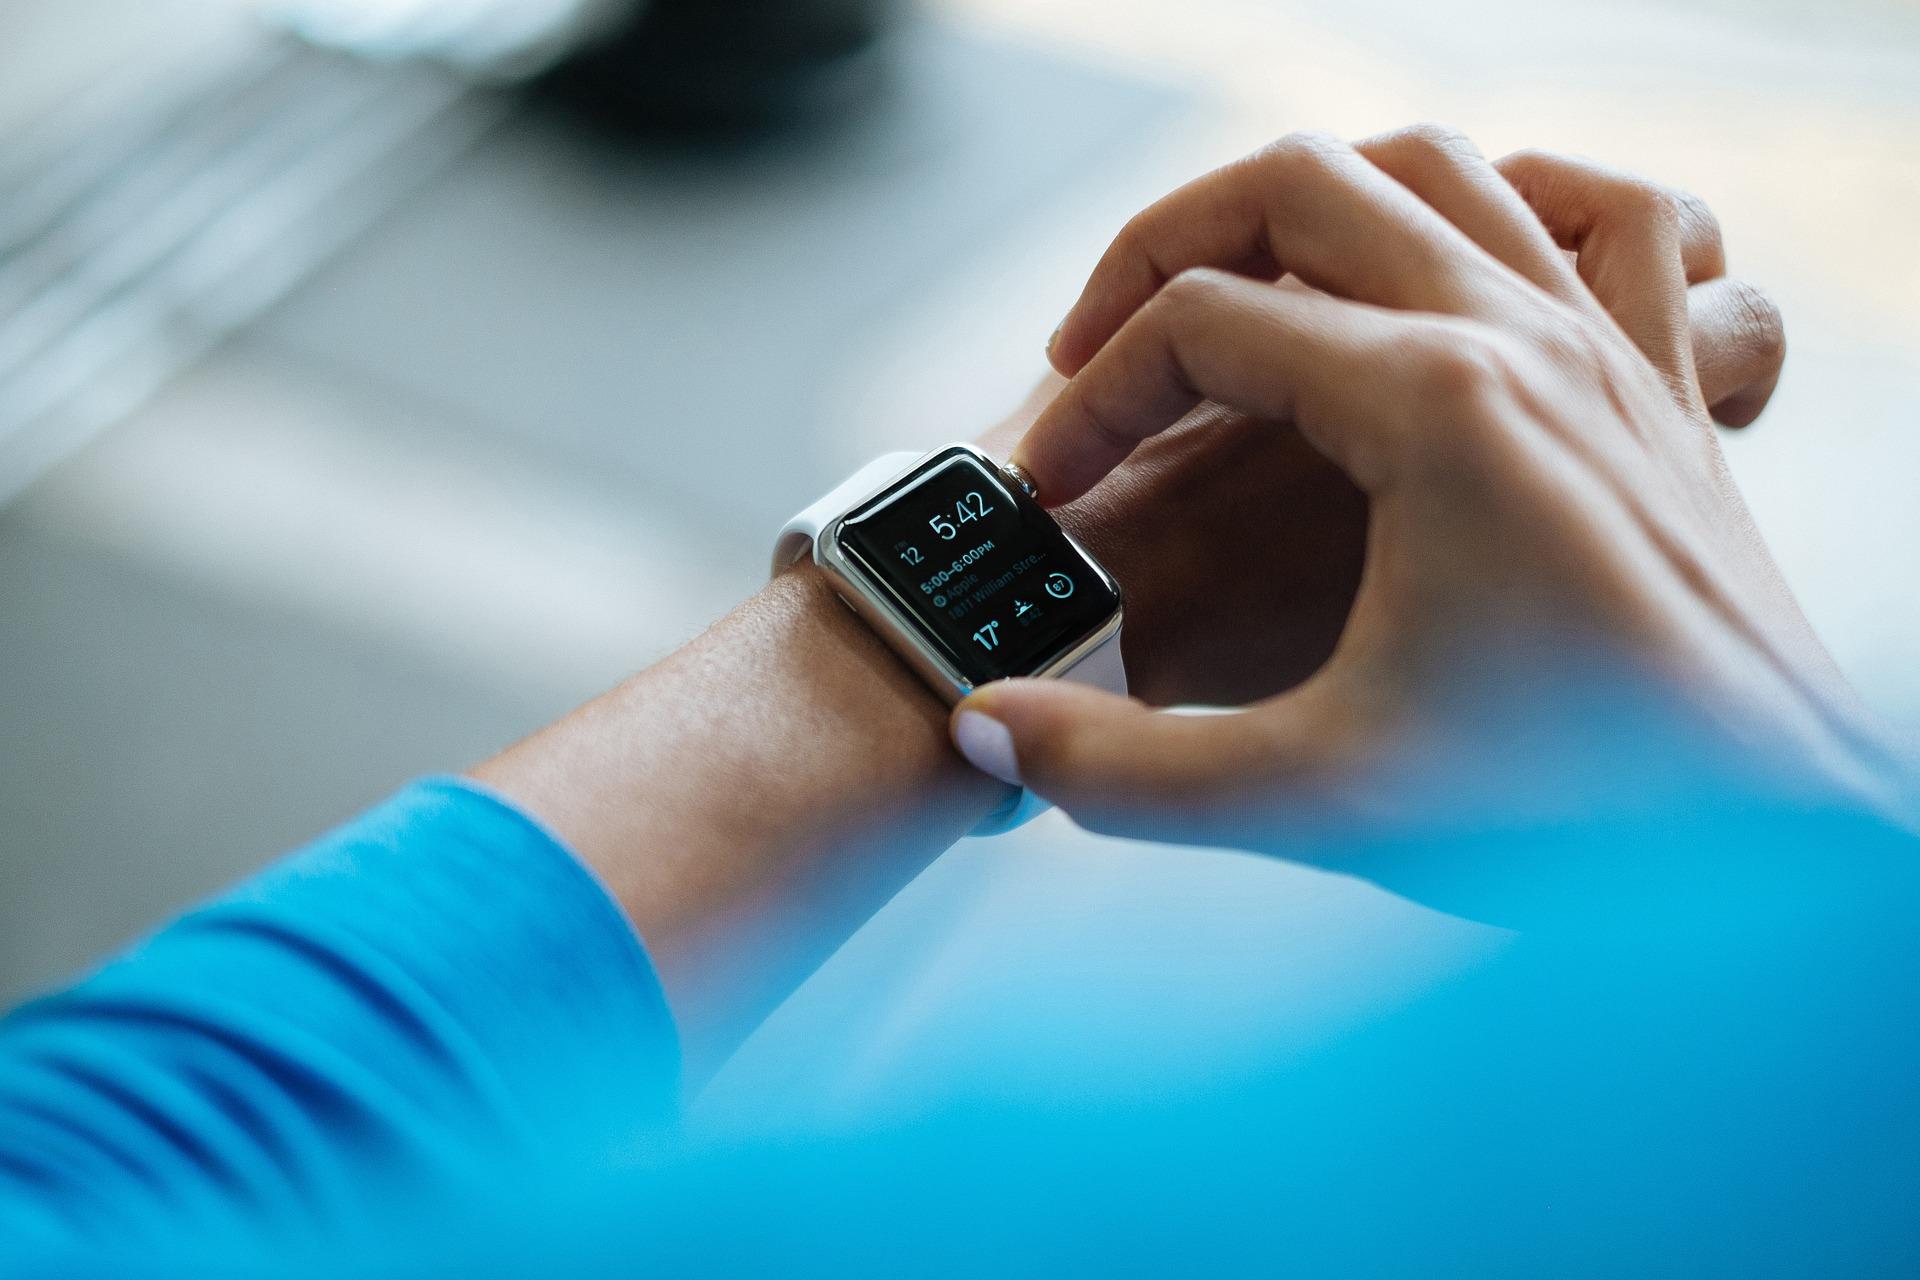 Синхронизация ваших биологических часов с ежедневным расписанием